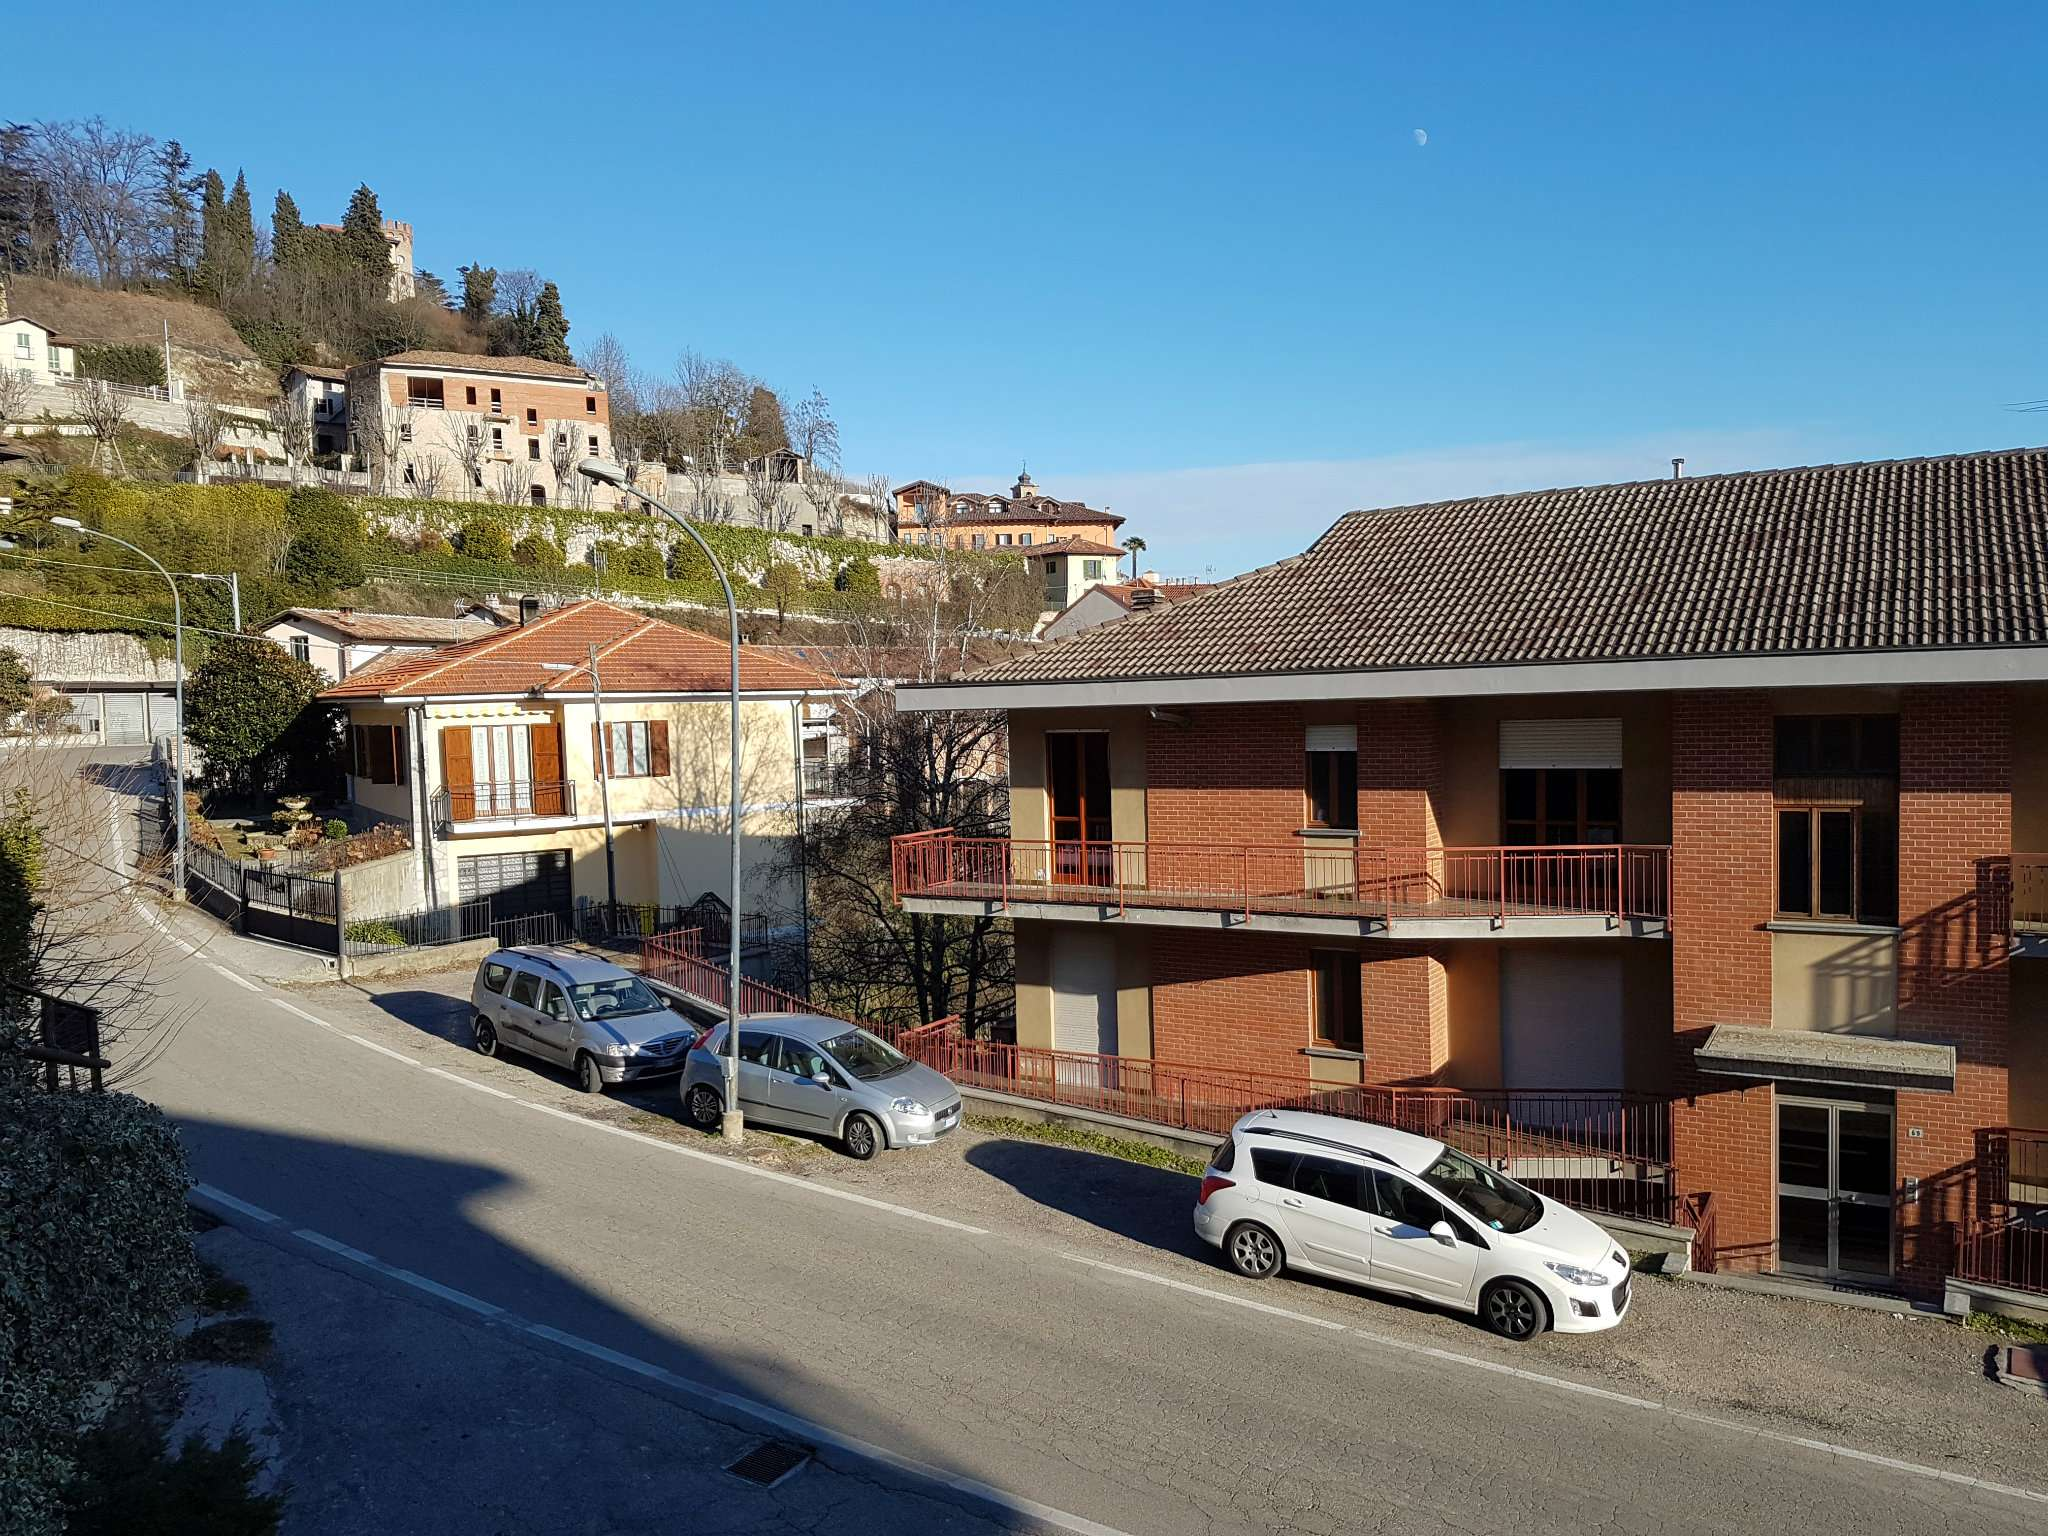 Appartamento in vendita a Cocconato, 3 locali, prezzo € 44.000   PortaleAgenzieImmobiliari.it